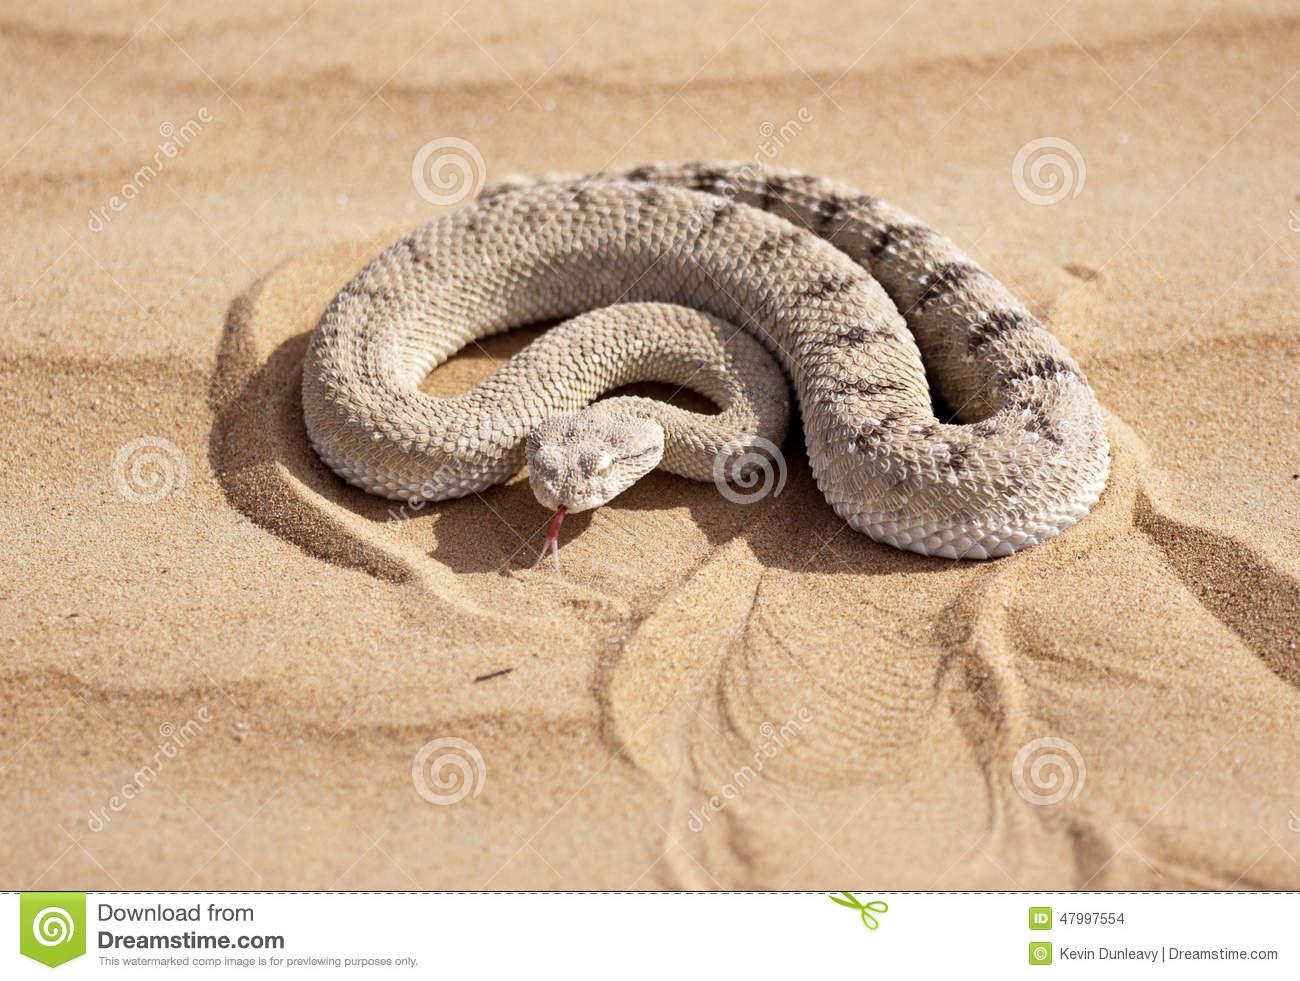 Horned viper clipart #15